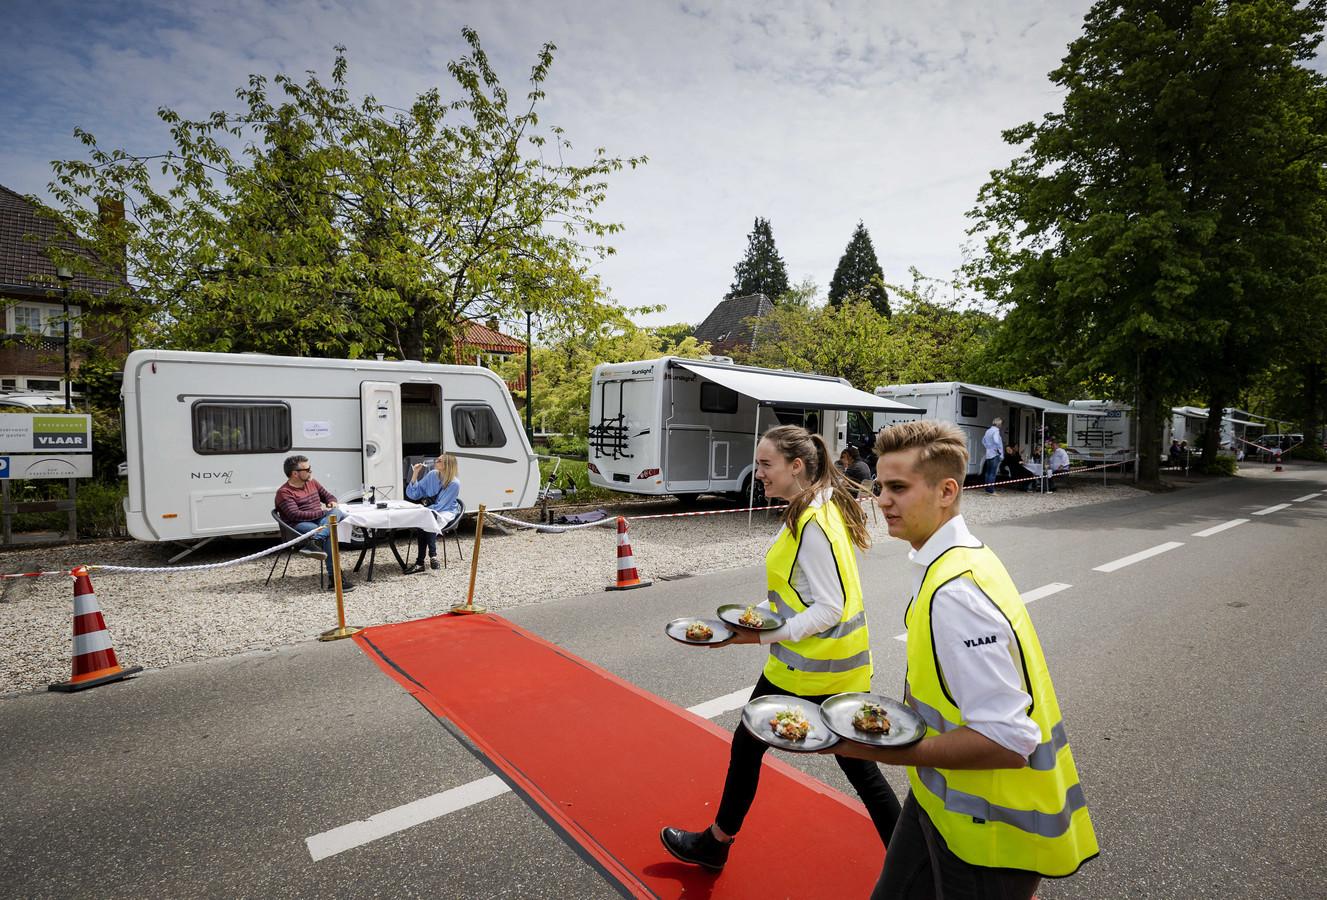 Moederdag-lunch in 's Graveland. Een restaurant lanceerde er de ludieke actie Camping dining waarbij mensen een camper huren en aan hun kampeertafel worden bediend conform de richtlijn van het RIVM.